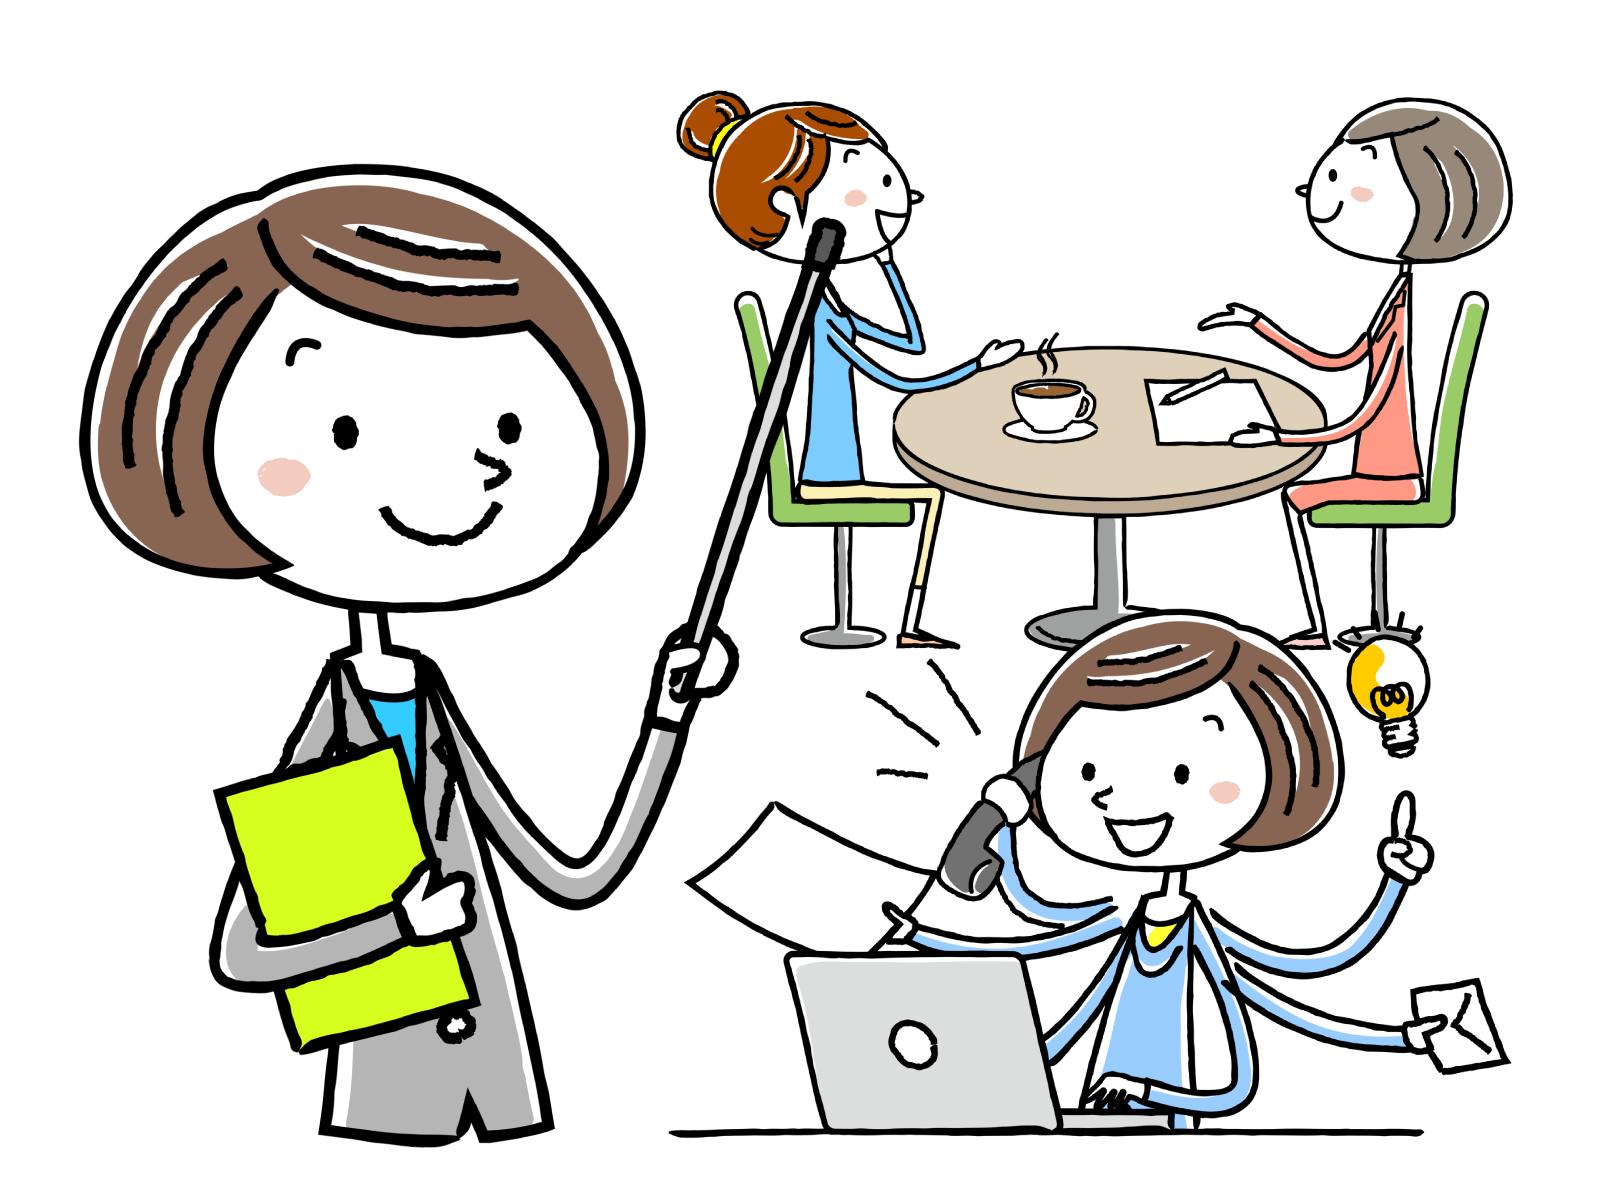 福祉用具専門相談員の資格や仕事内容を解説したイメージイラスト